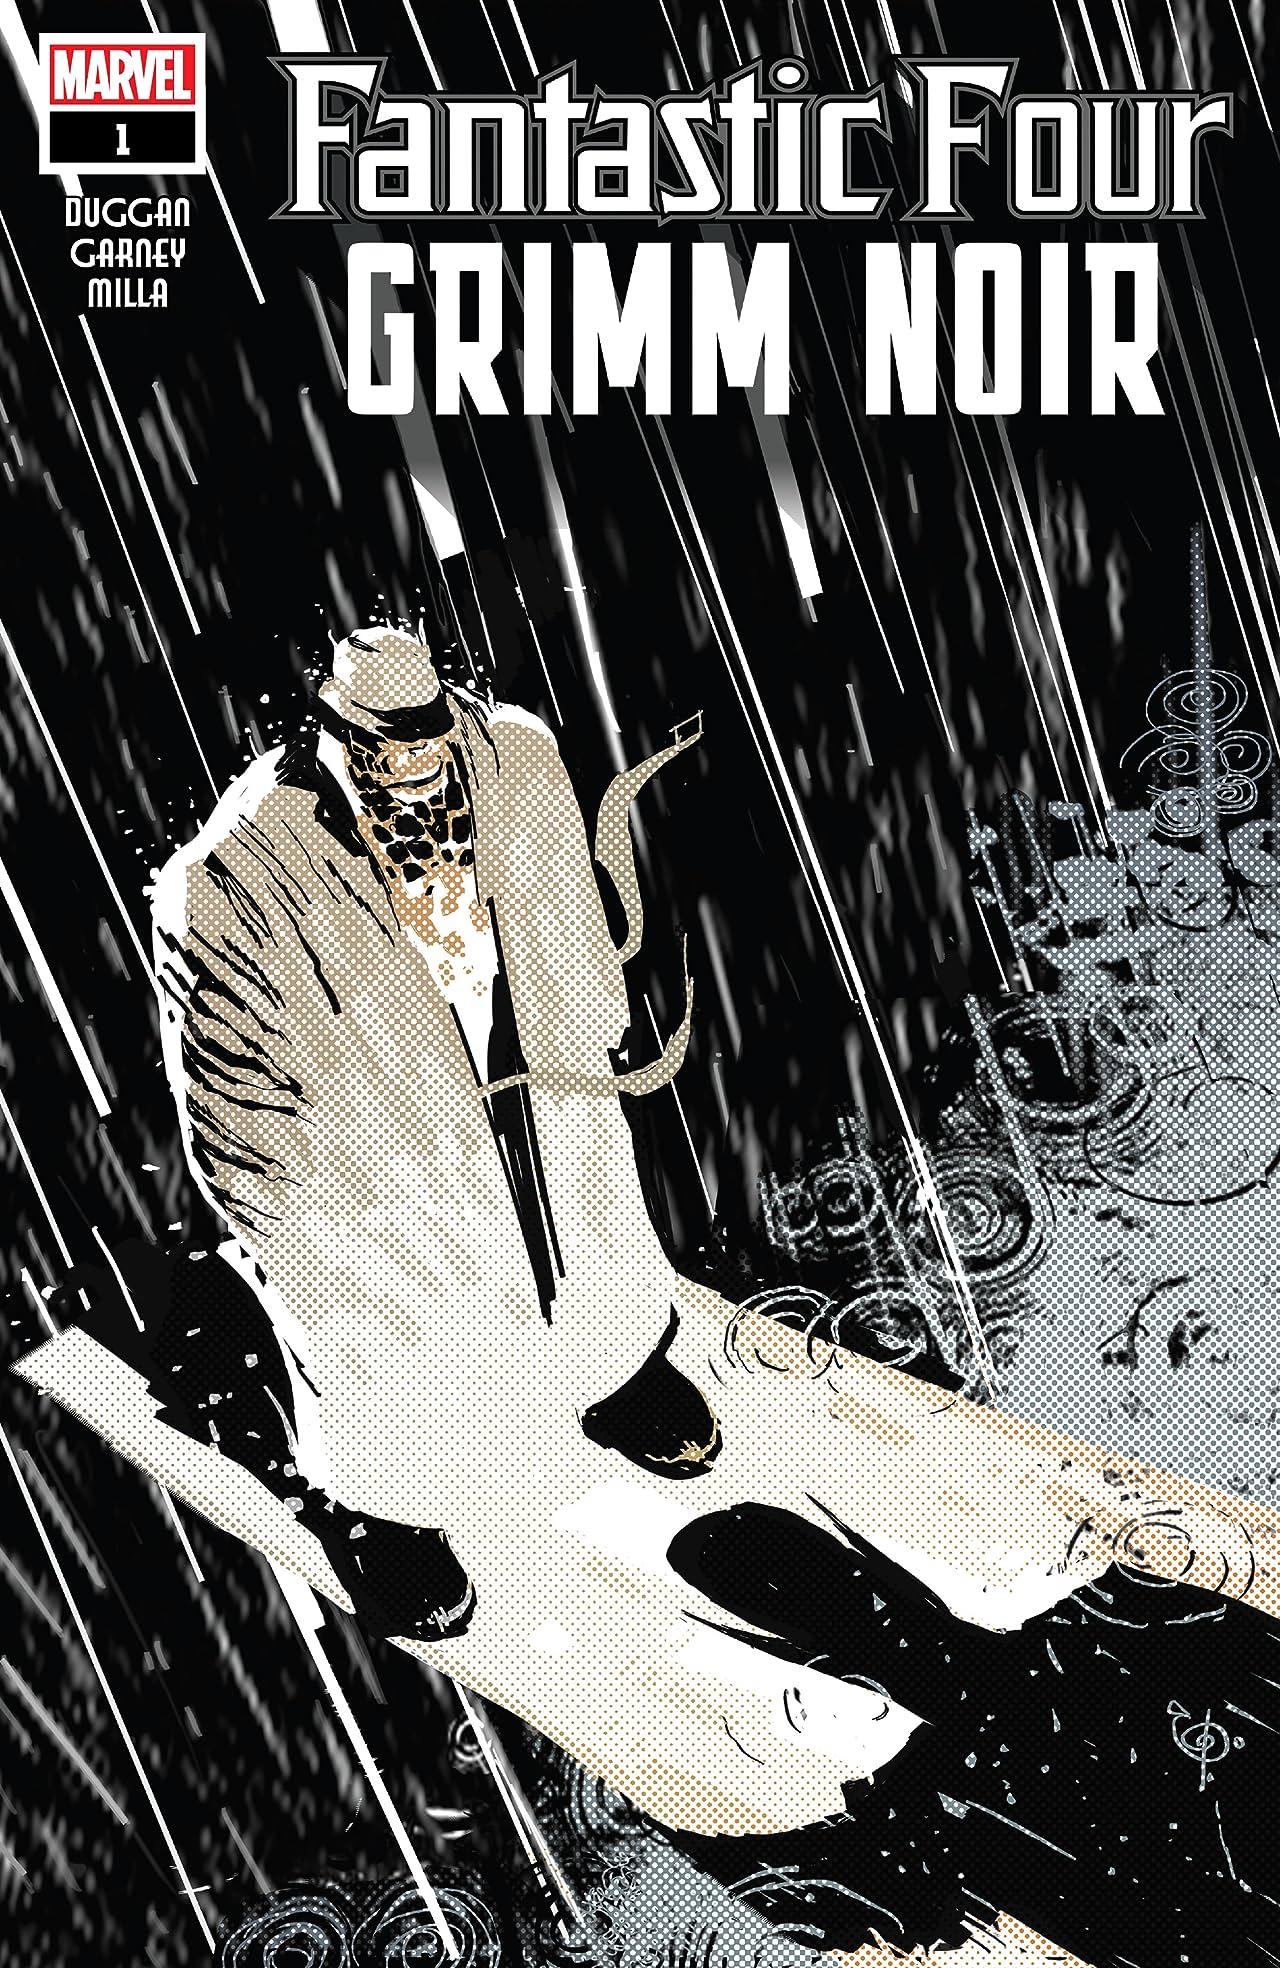 Fantastic Four: Grimm Noir (2020) No.1